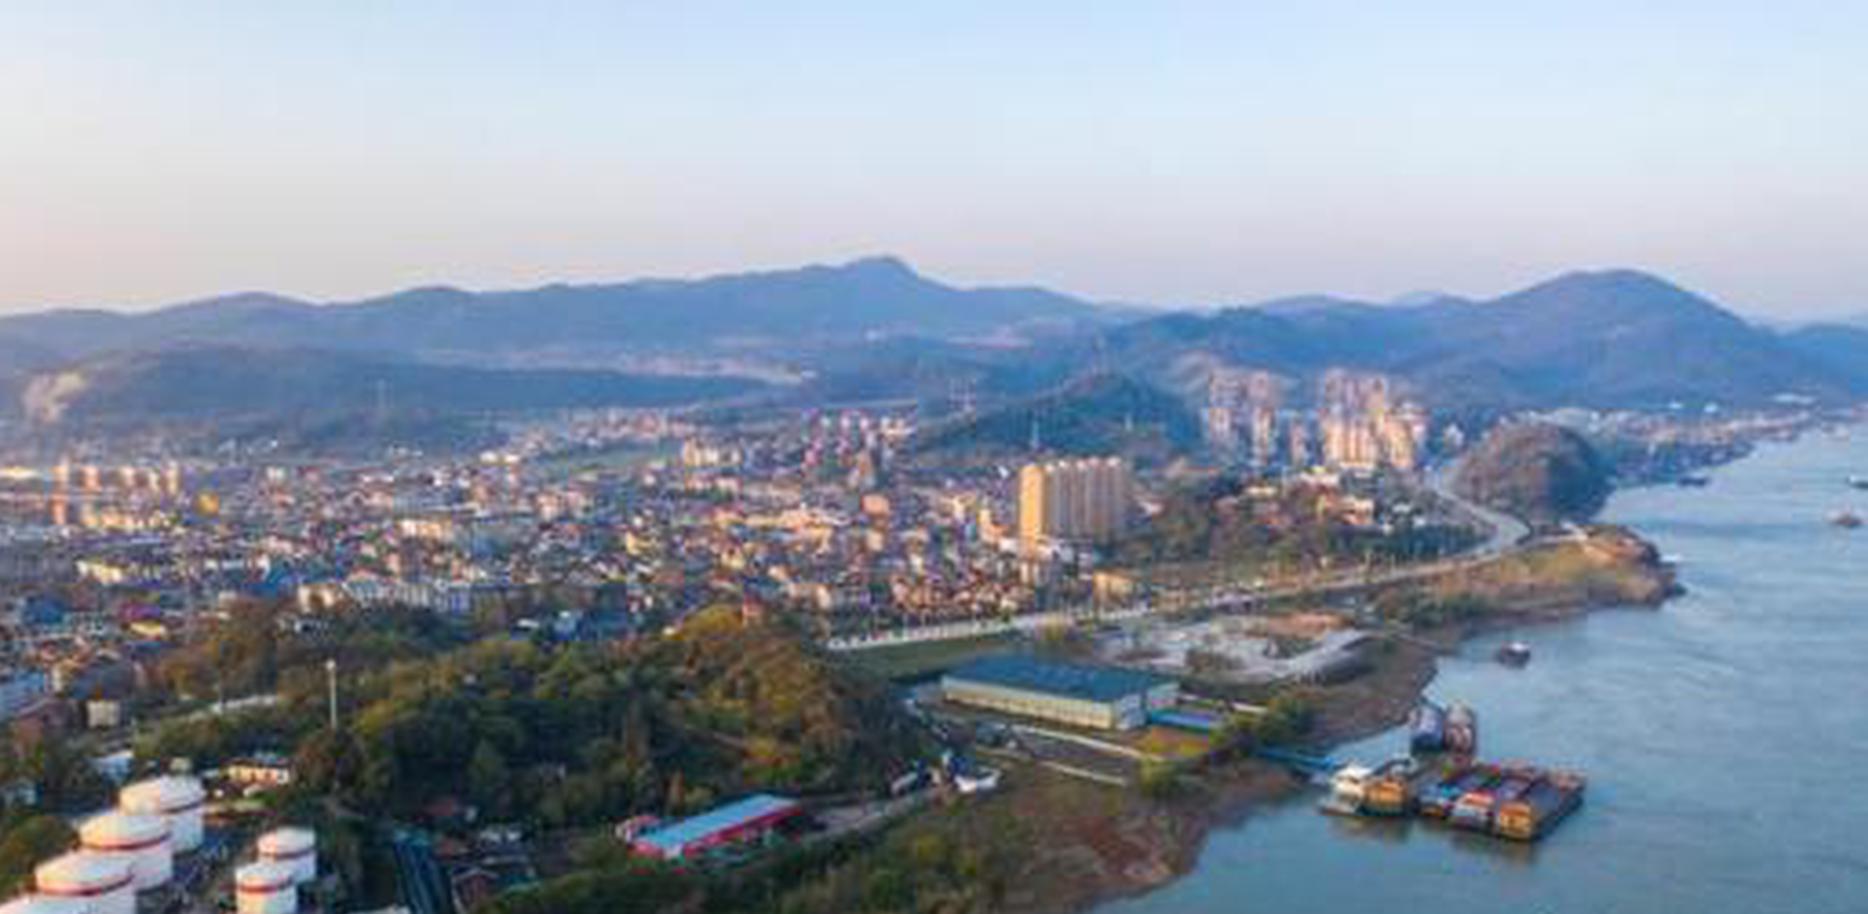 长江城市通过智能技术保护水质